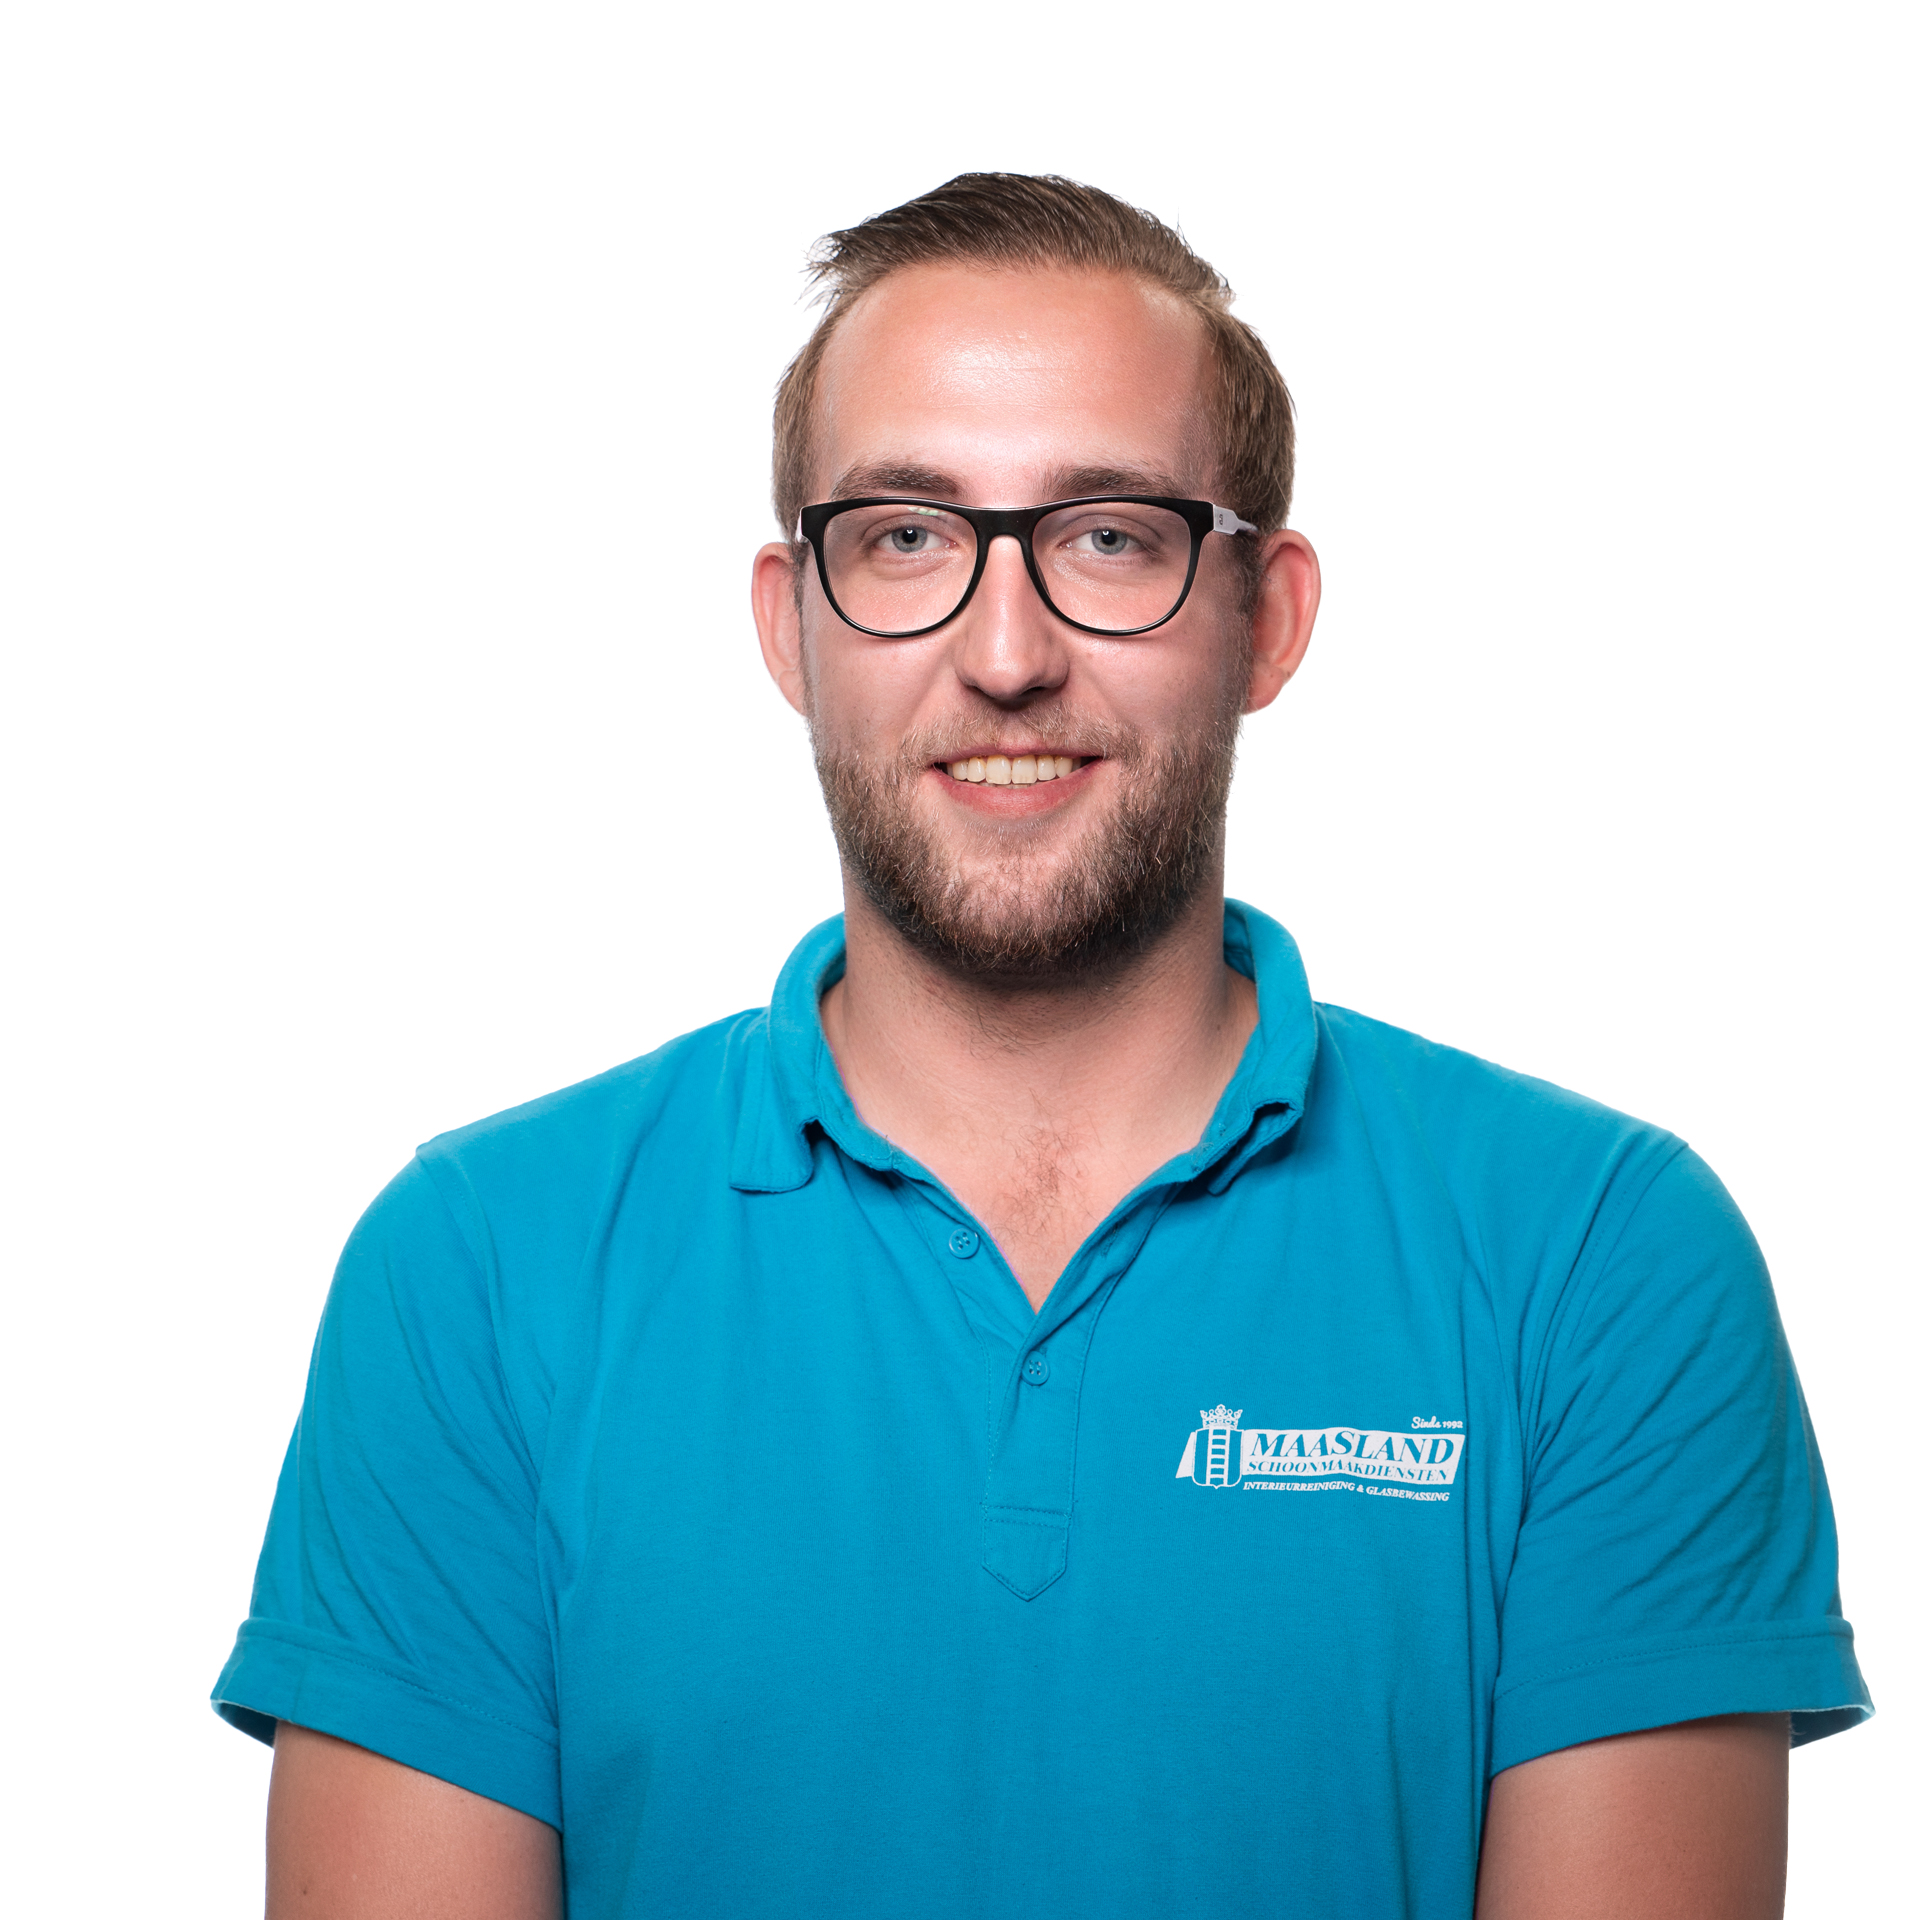 Mike van Roon